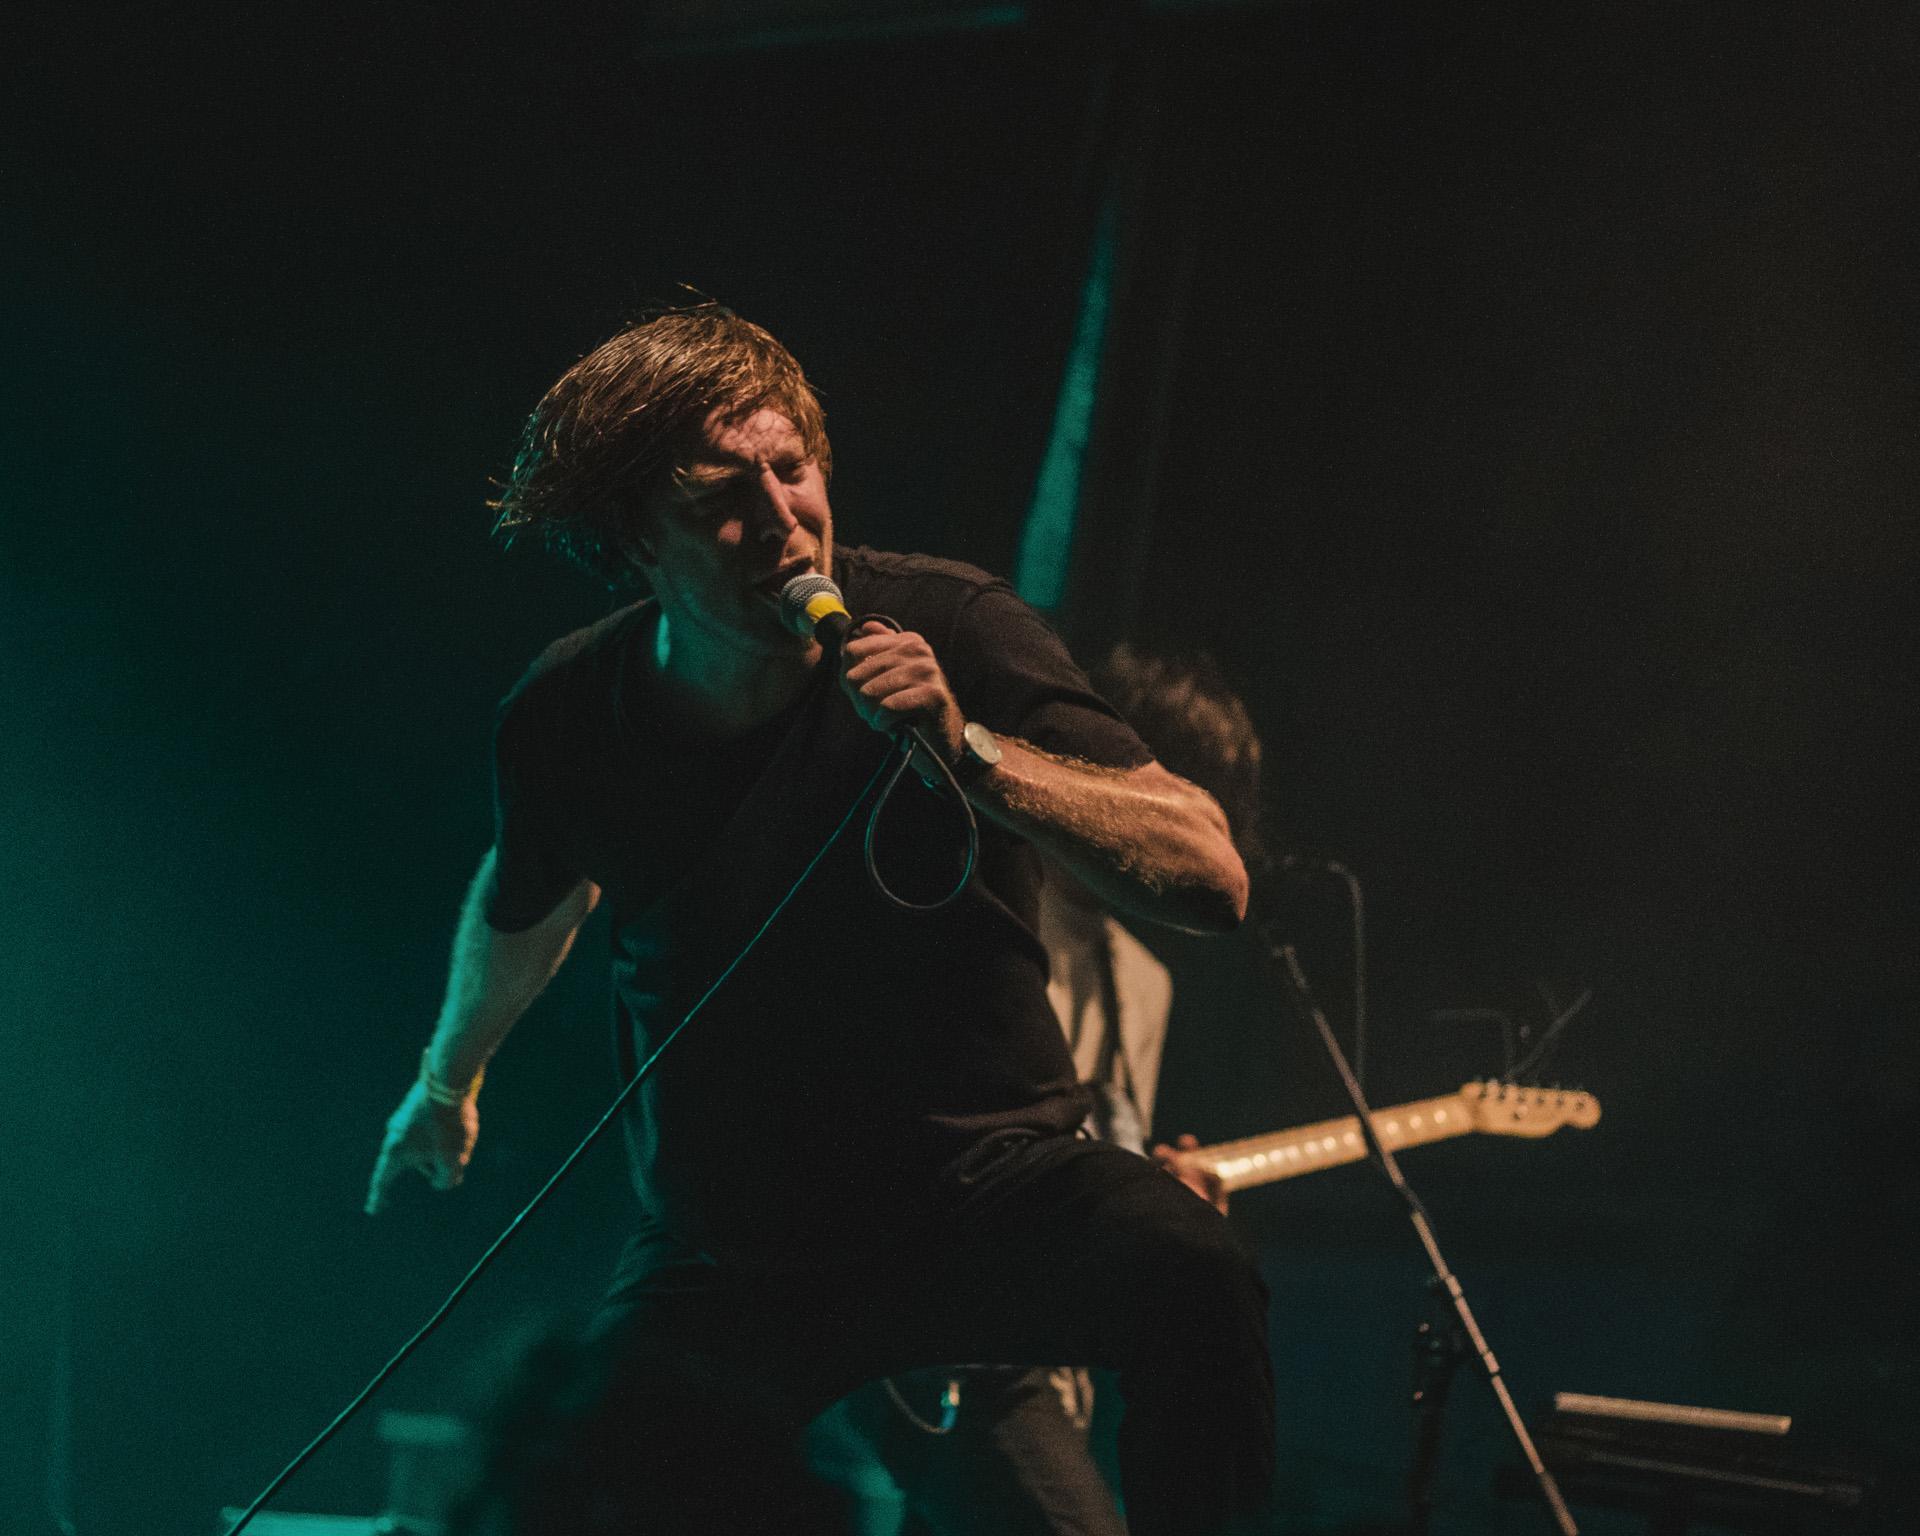 Photo by Cedric Wilder